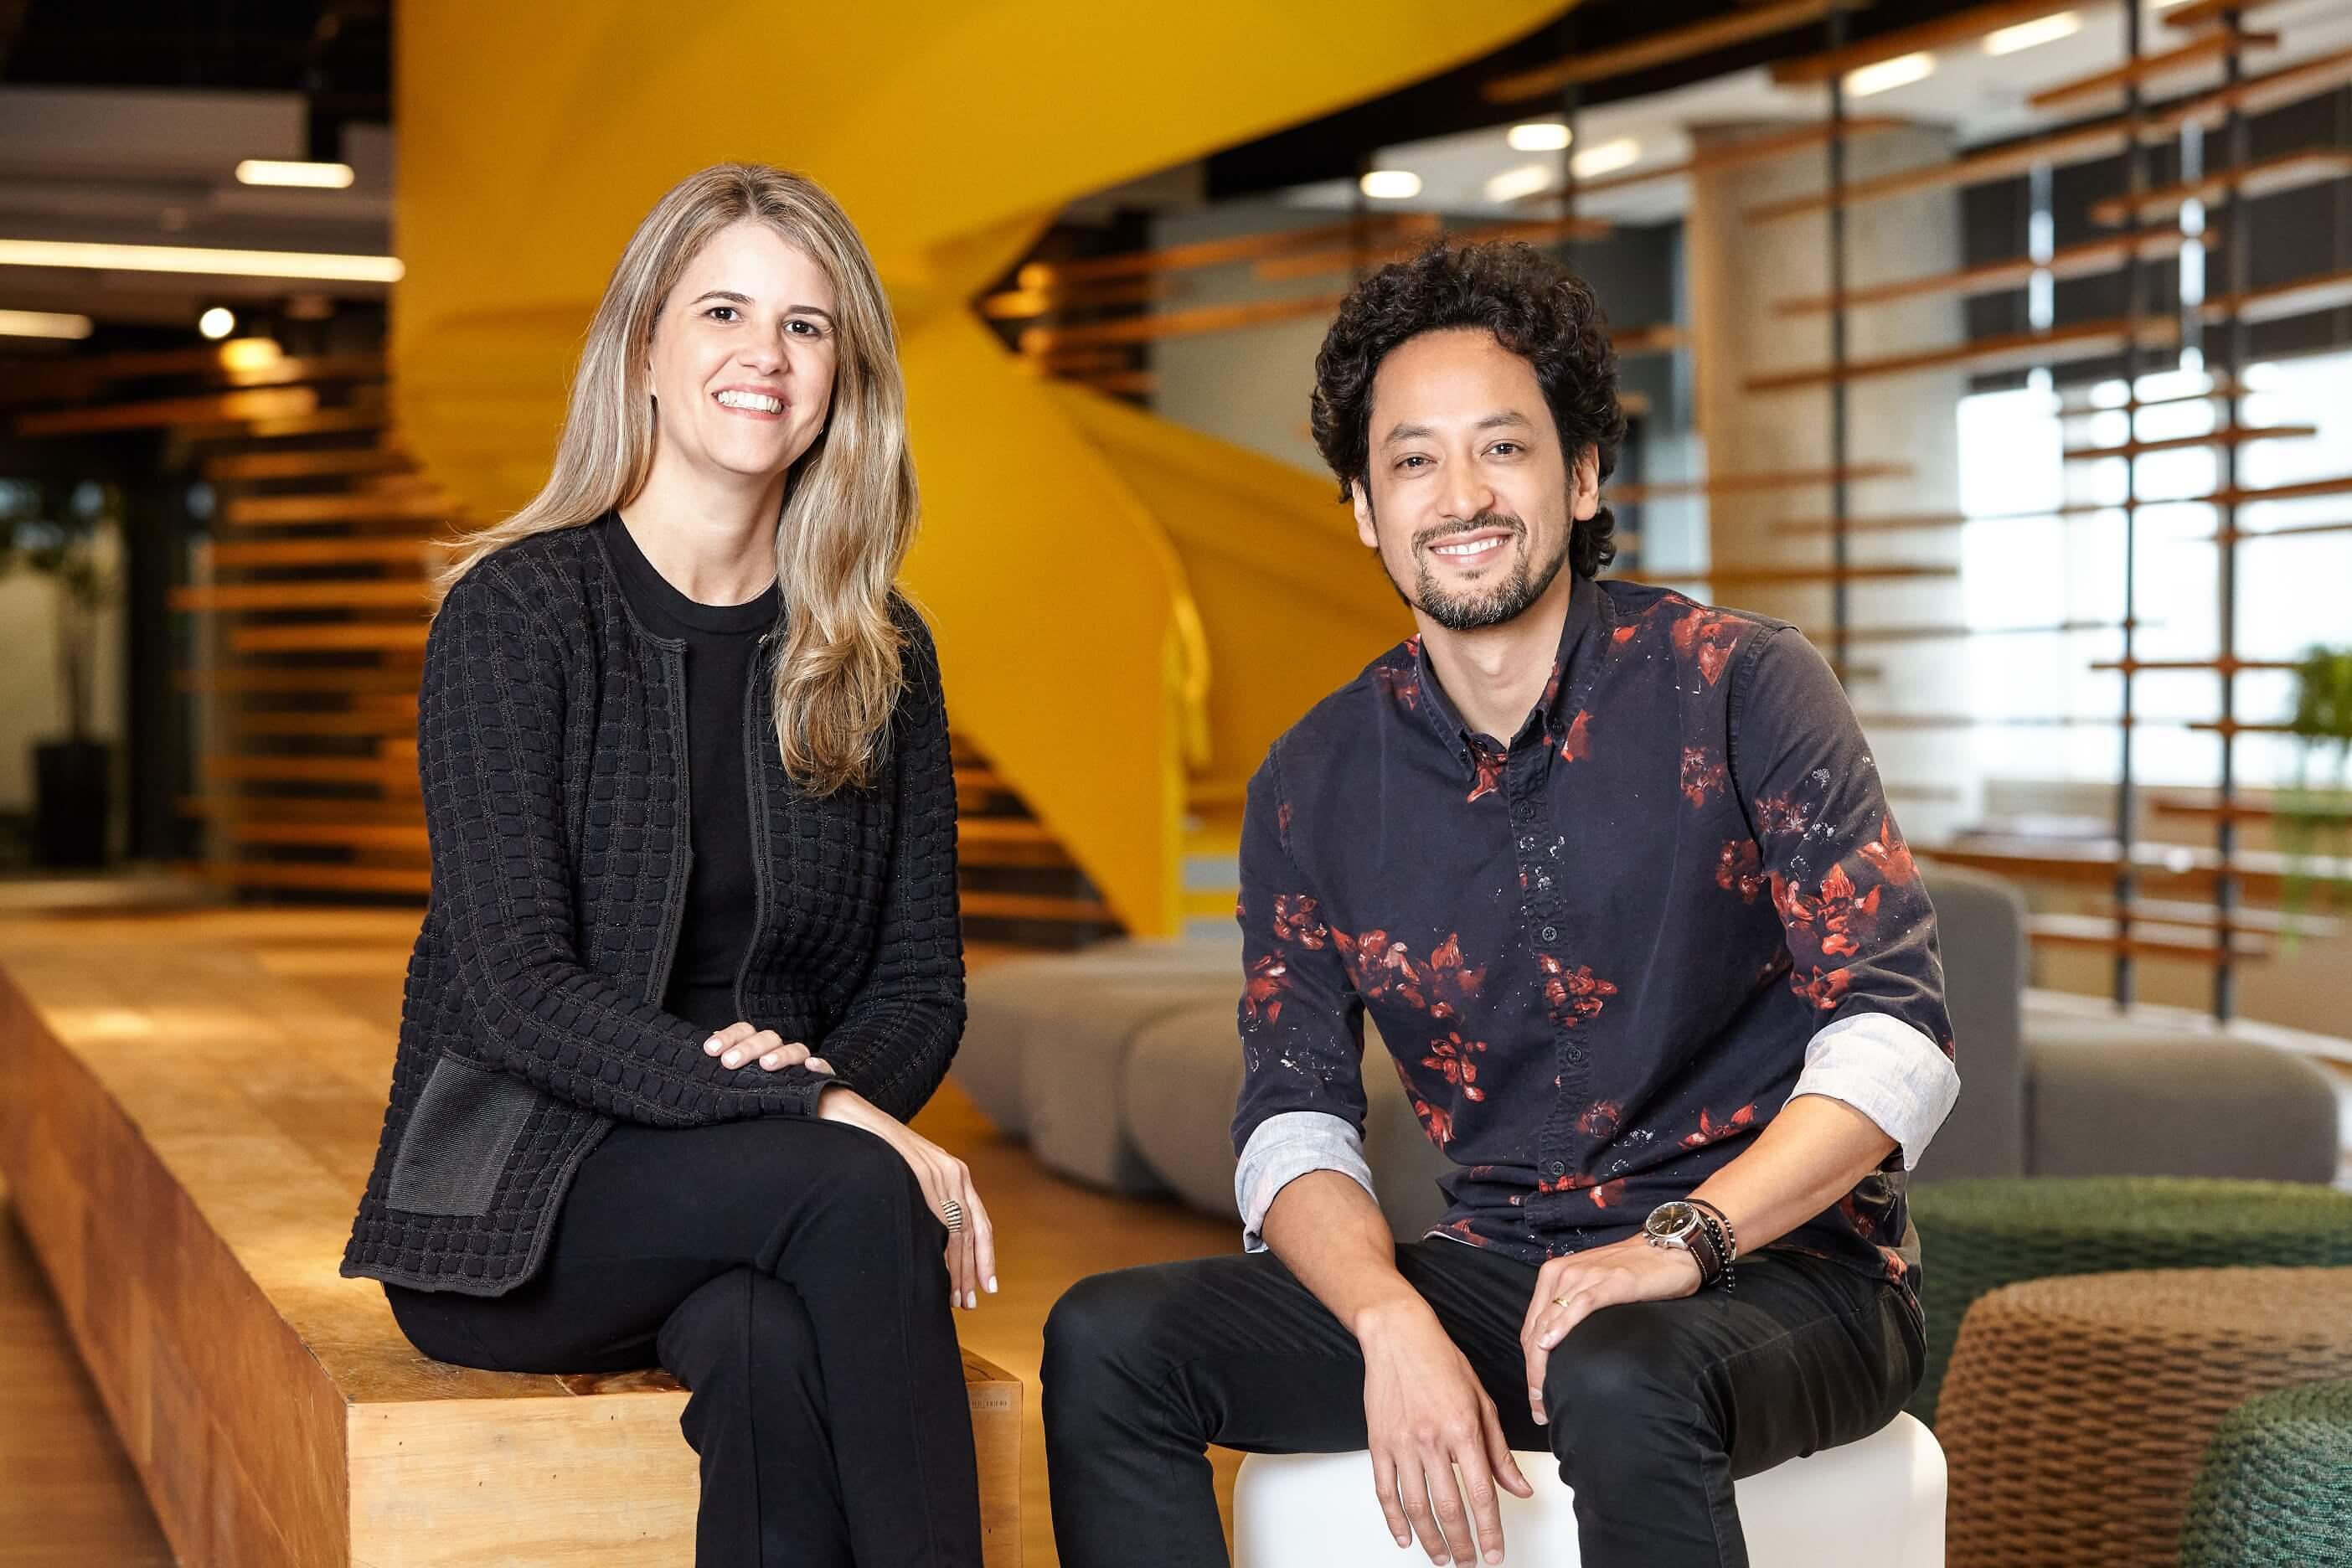 Paula Molina, diretora de Recursos Humanos, ao lado de Kevin Zung.